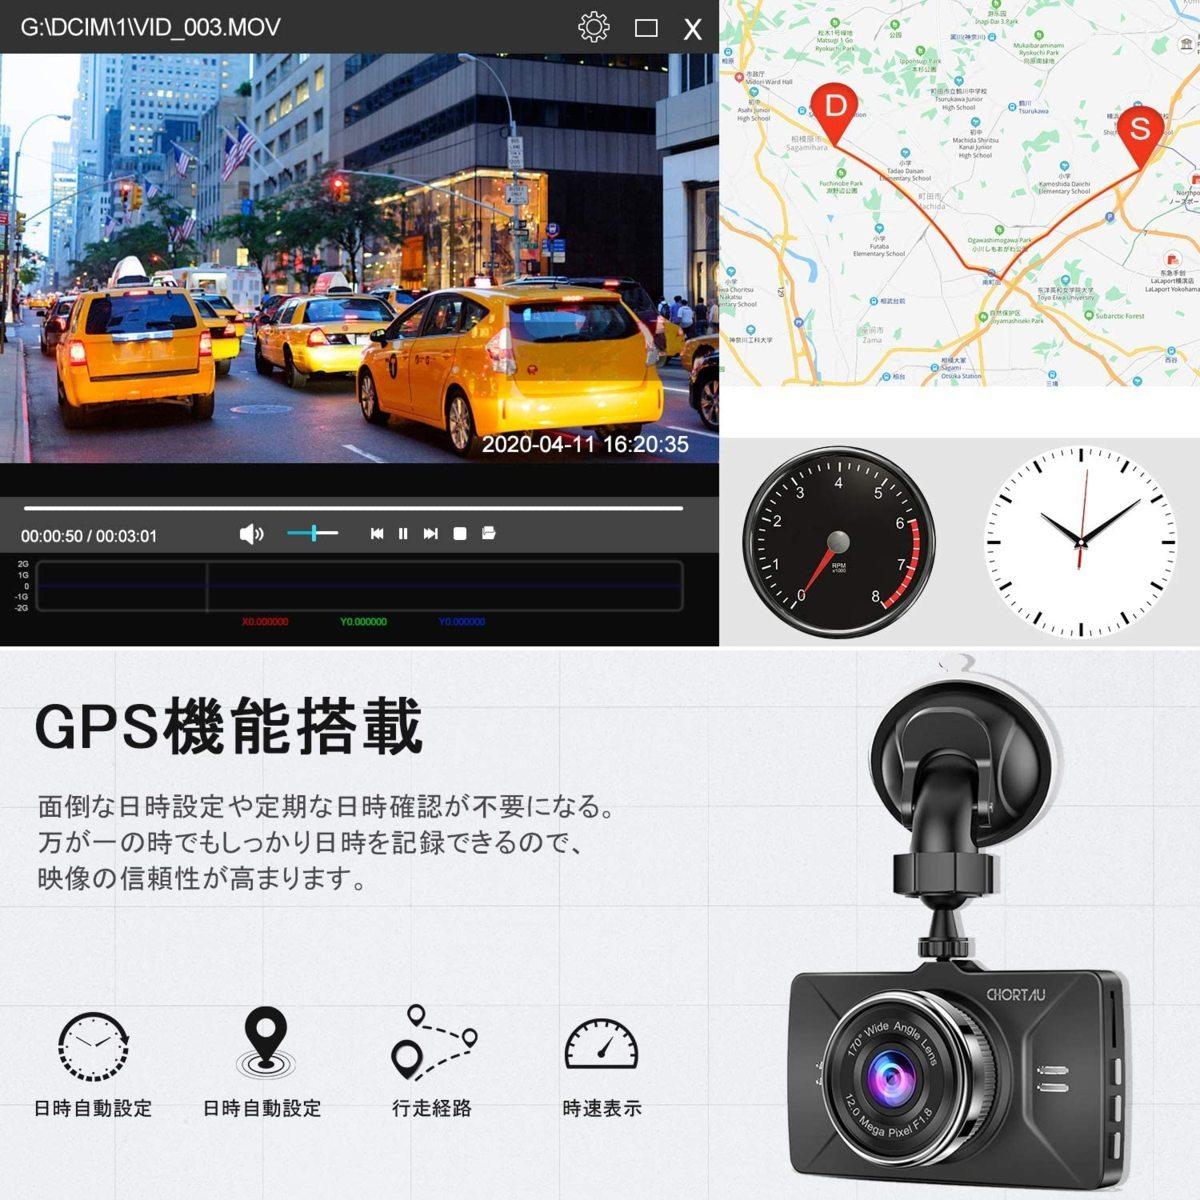 ■新品■ドライブレコーダー 【GPS搭載&前後カメラ】フルHD高画質 170度広角視野 駐車監視 衝撃録画 常時録画 Gセンサー 時速表示_画像5